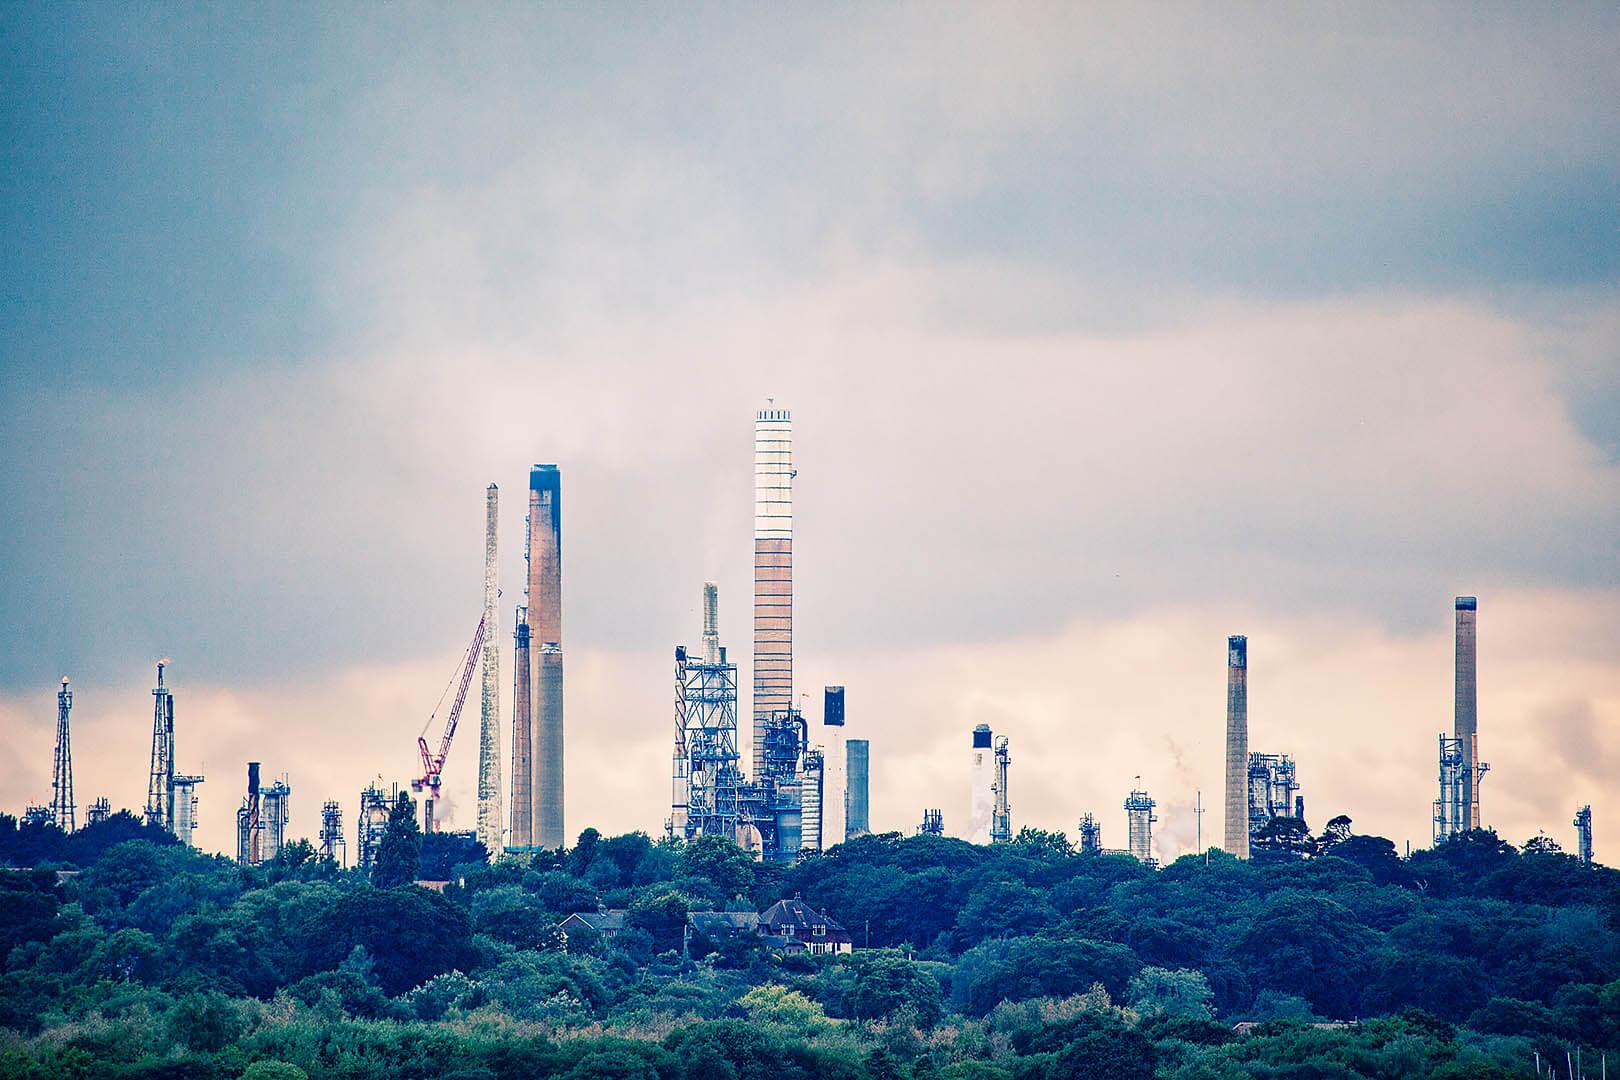 Fawley Refinery III